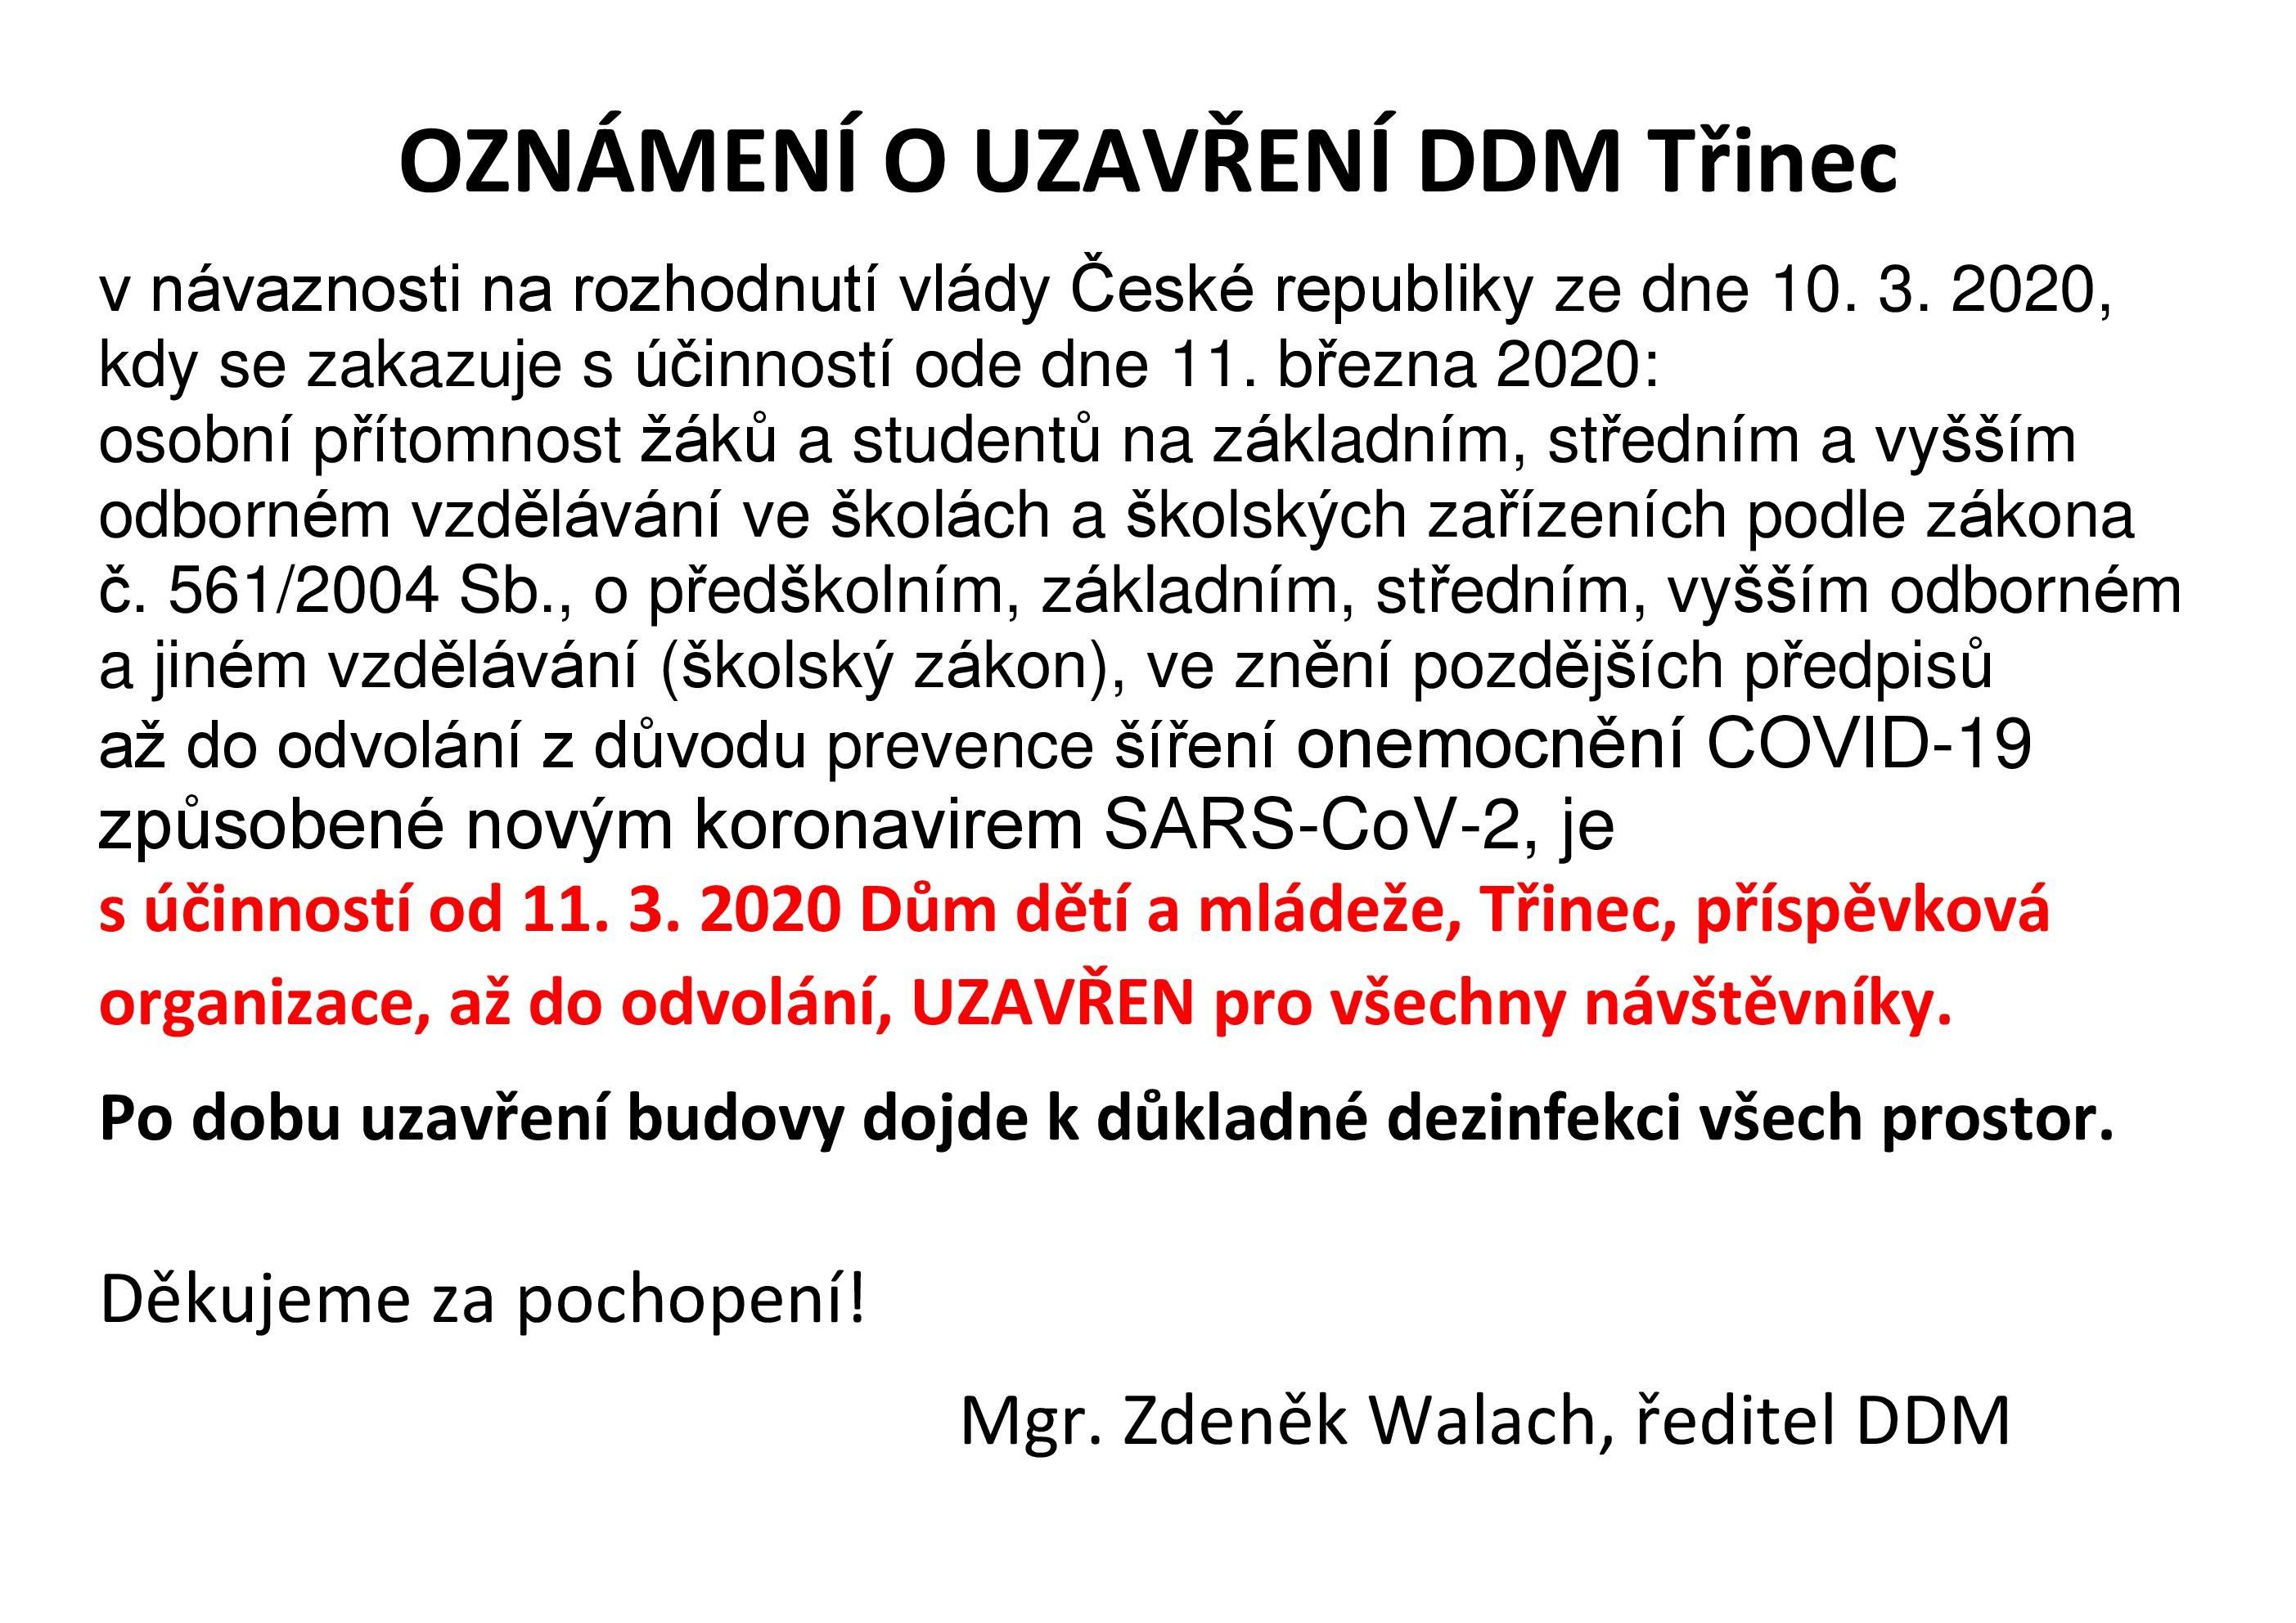 Oznámení o uzavření DDM.